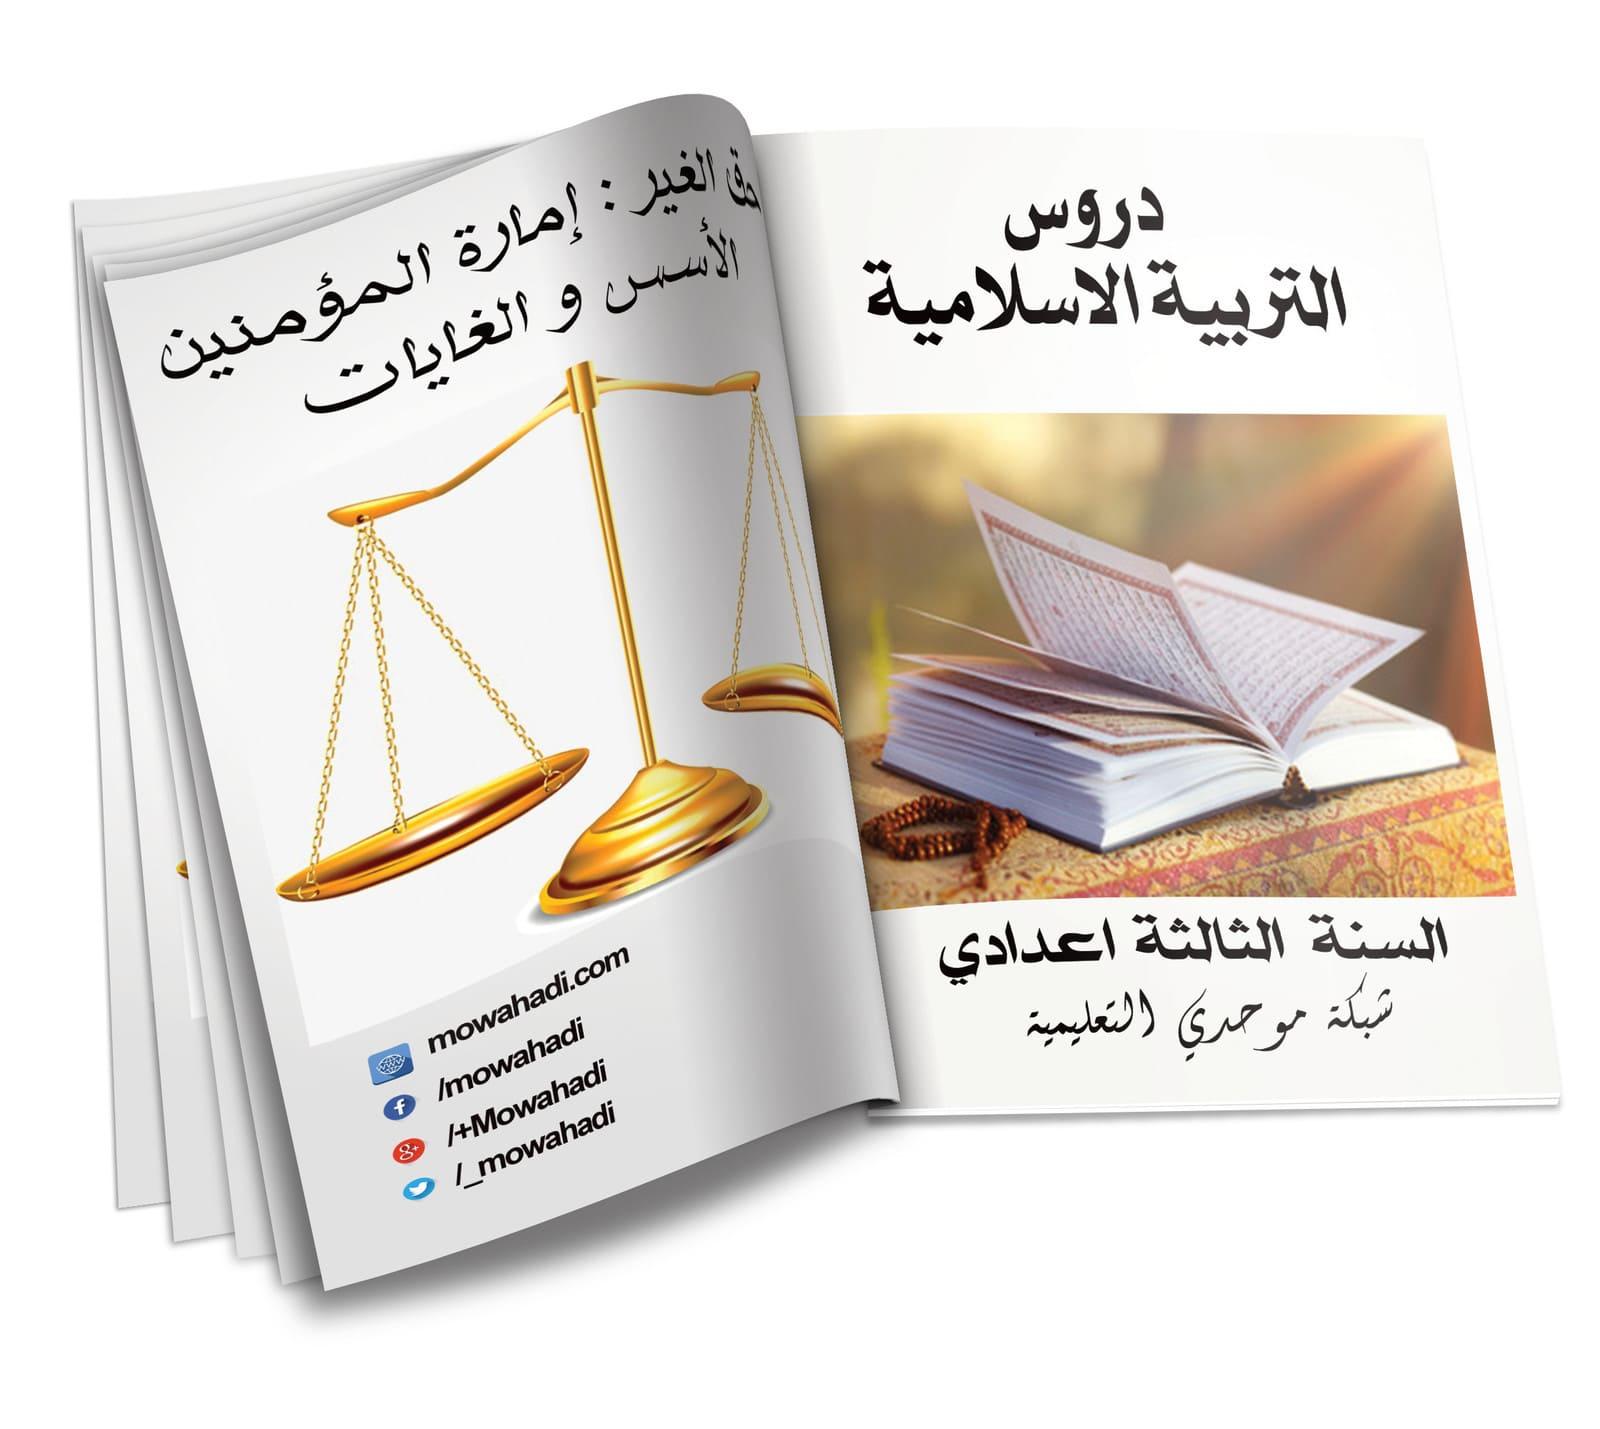 حق الغير : إمارة المؤمنين الأسس و الغايات